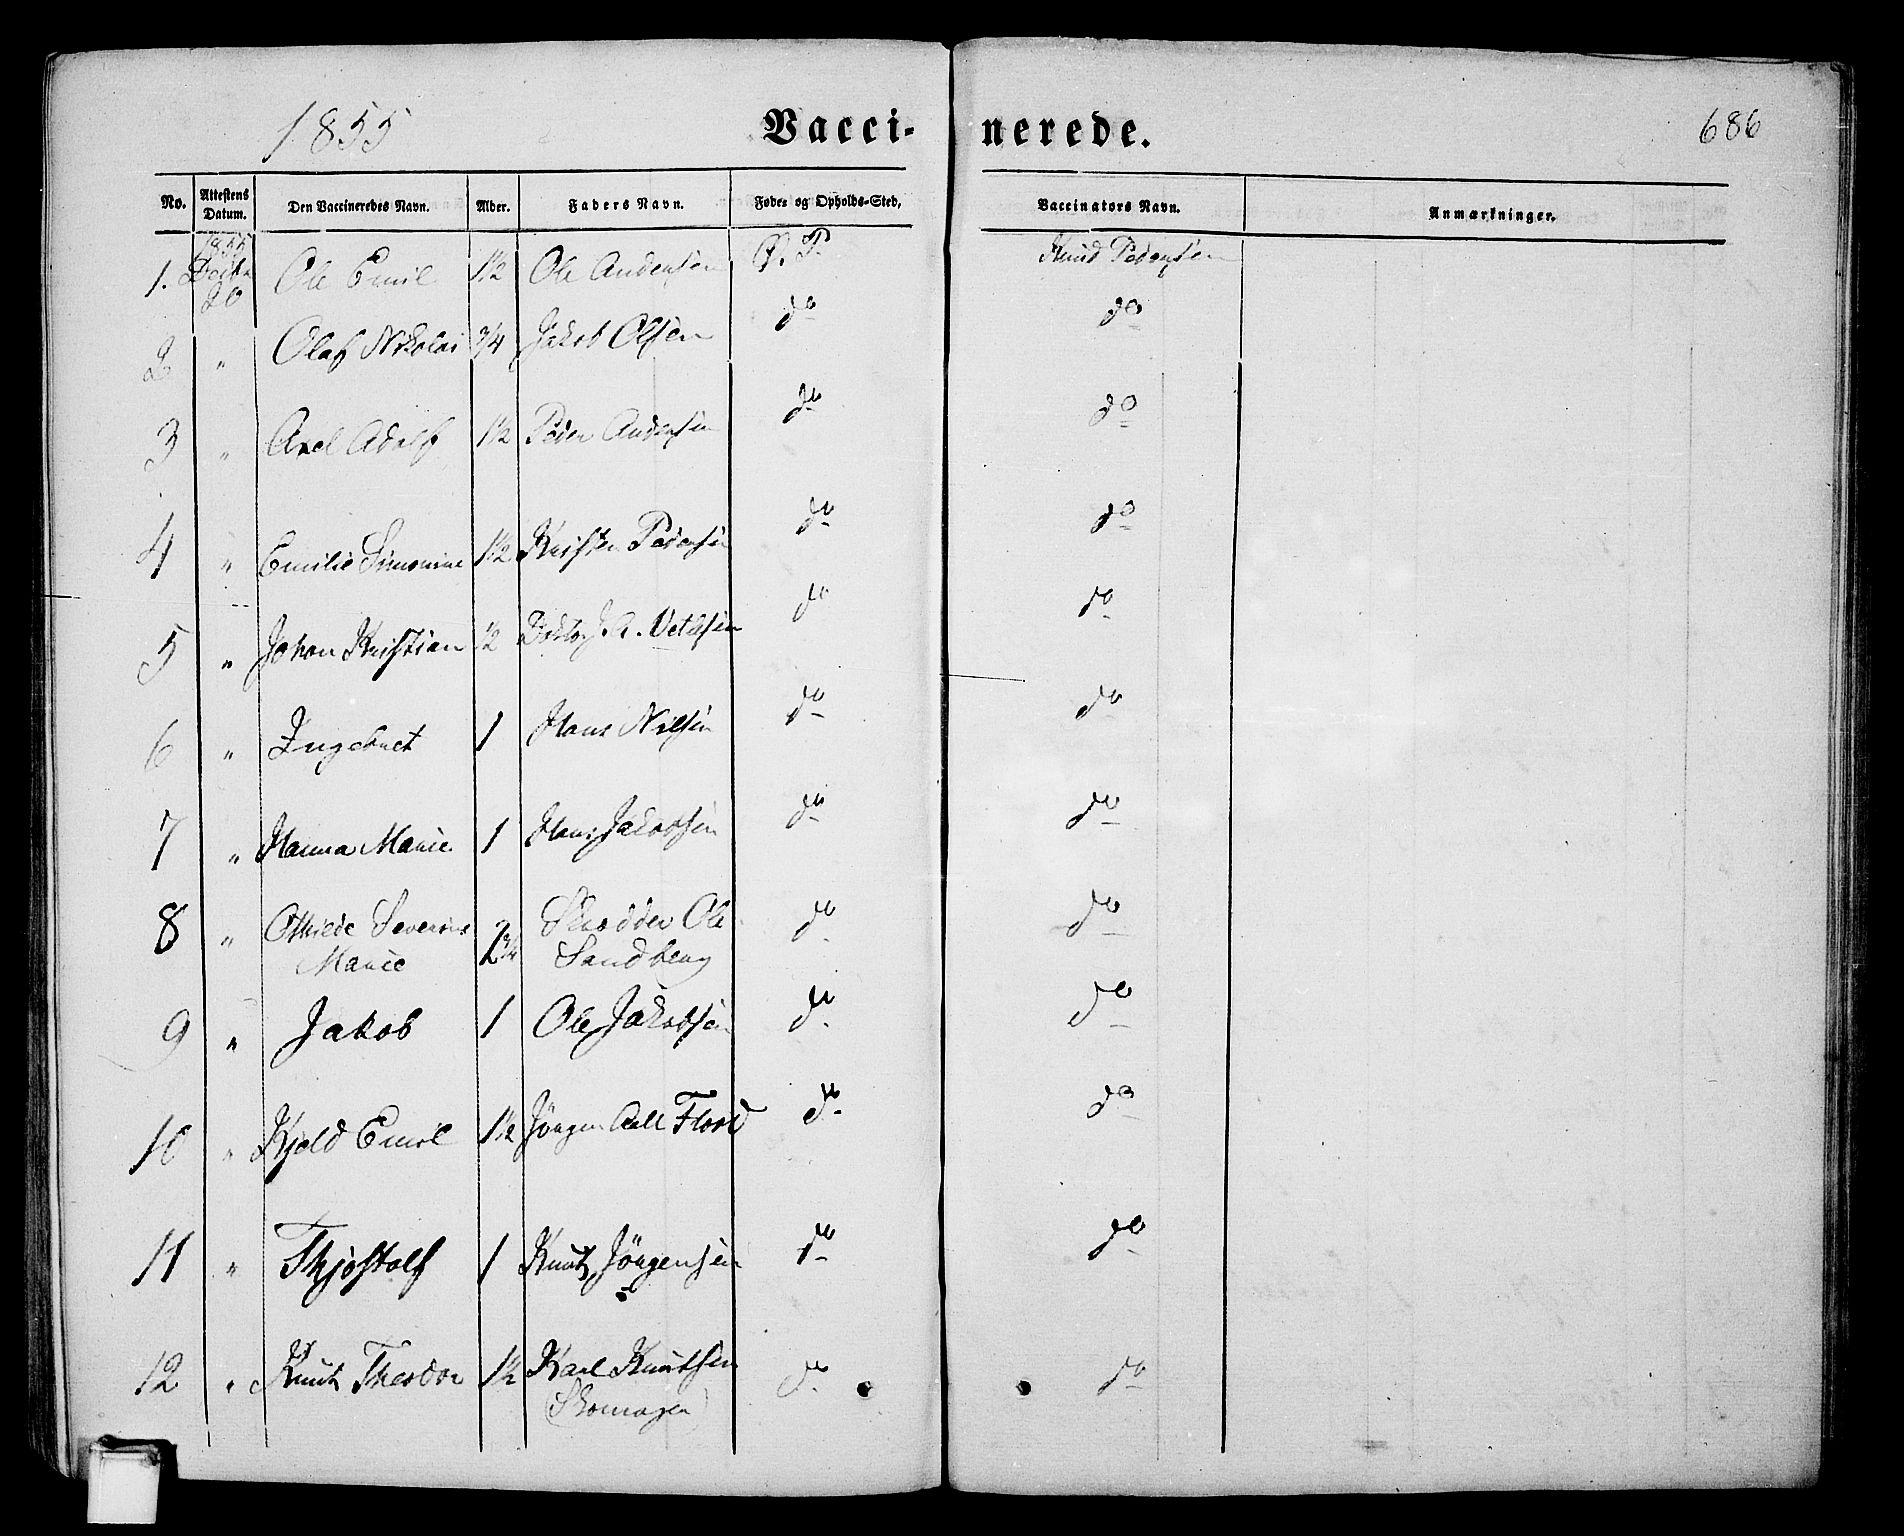 SAKO, Porsgrunn kirkebøker , G/Gb/L0004: Klokkerbok nr. II 4, 1853-1882, s. 686